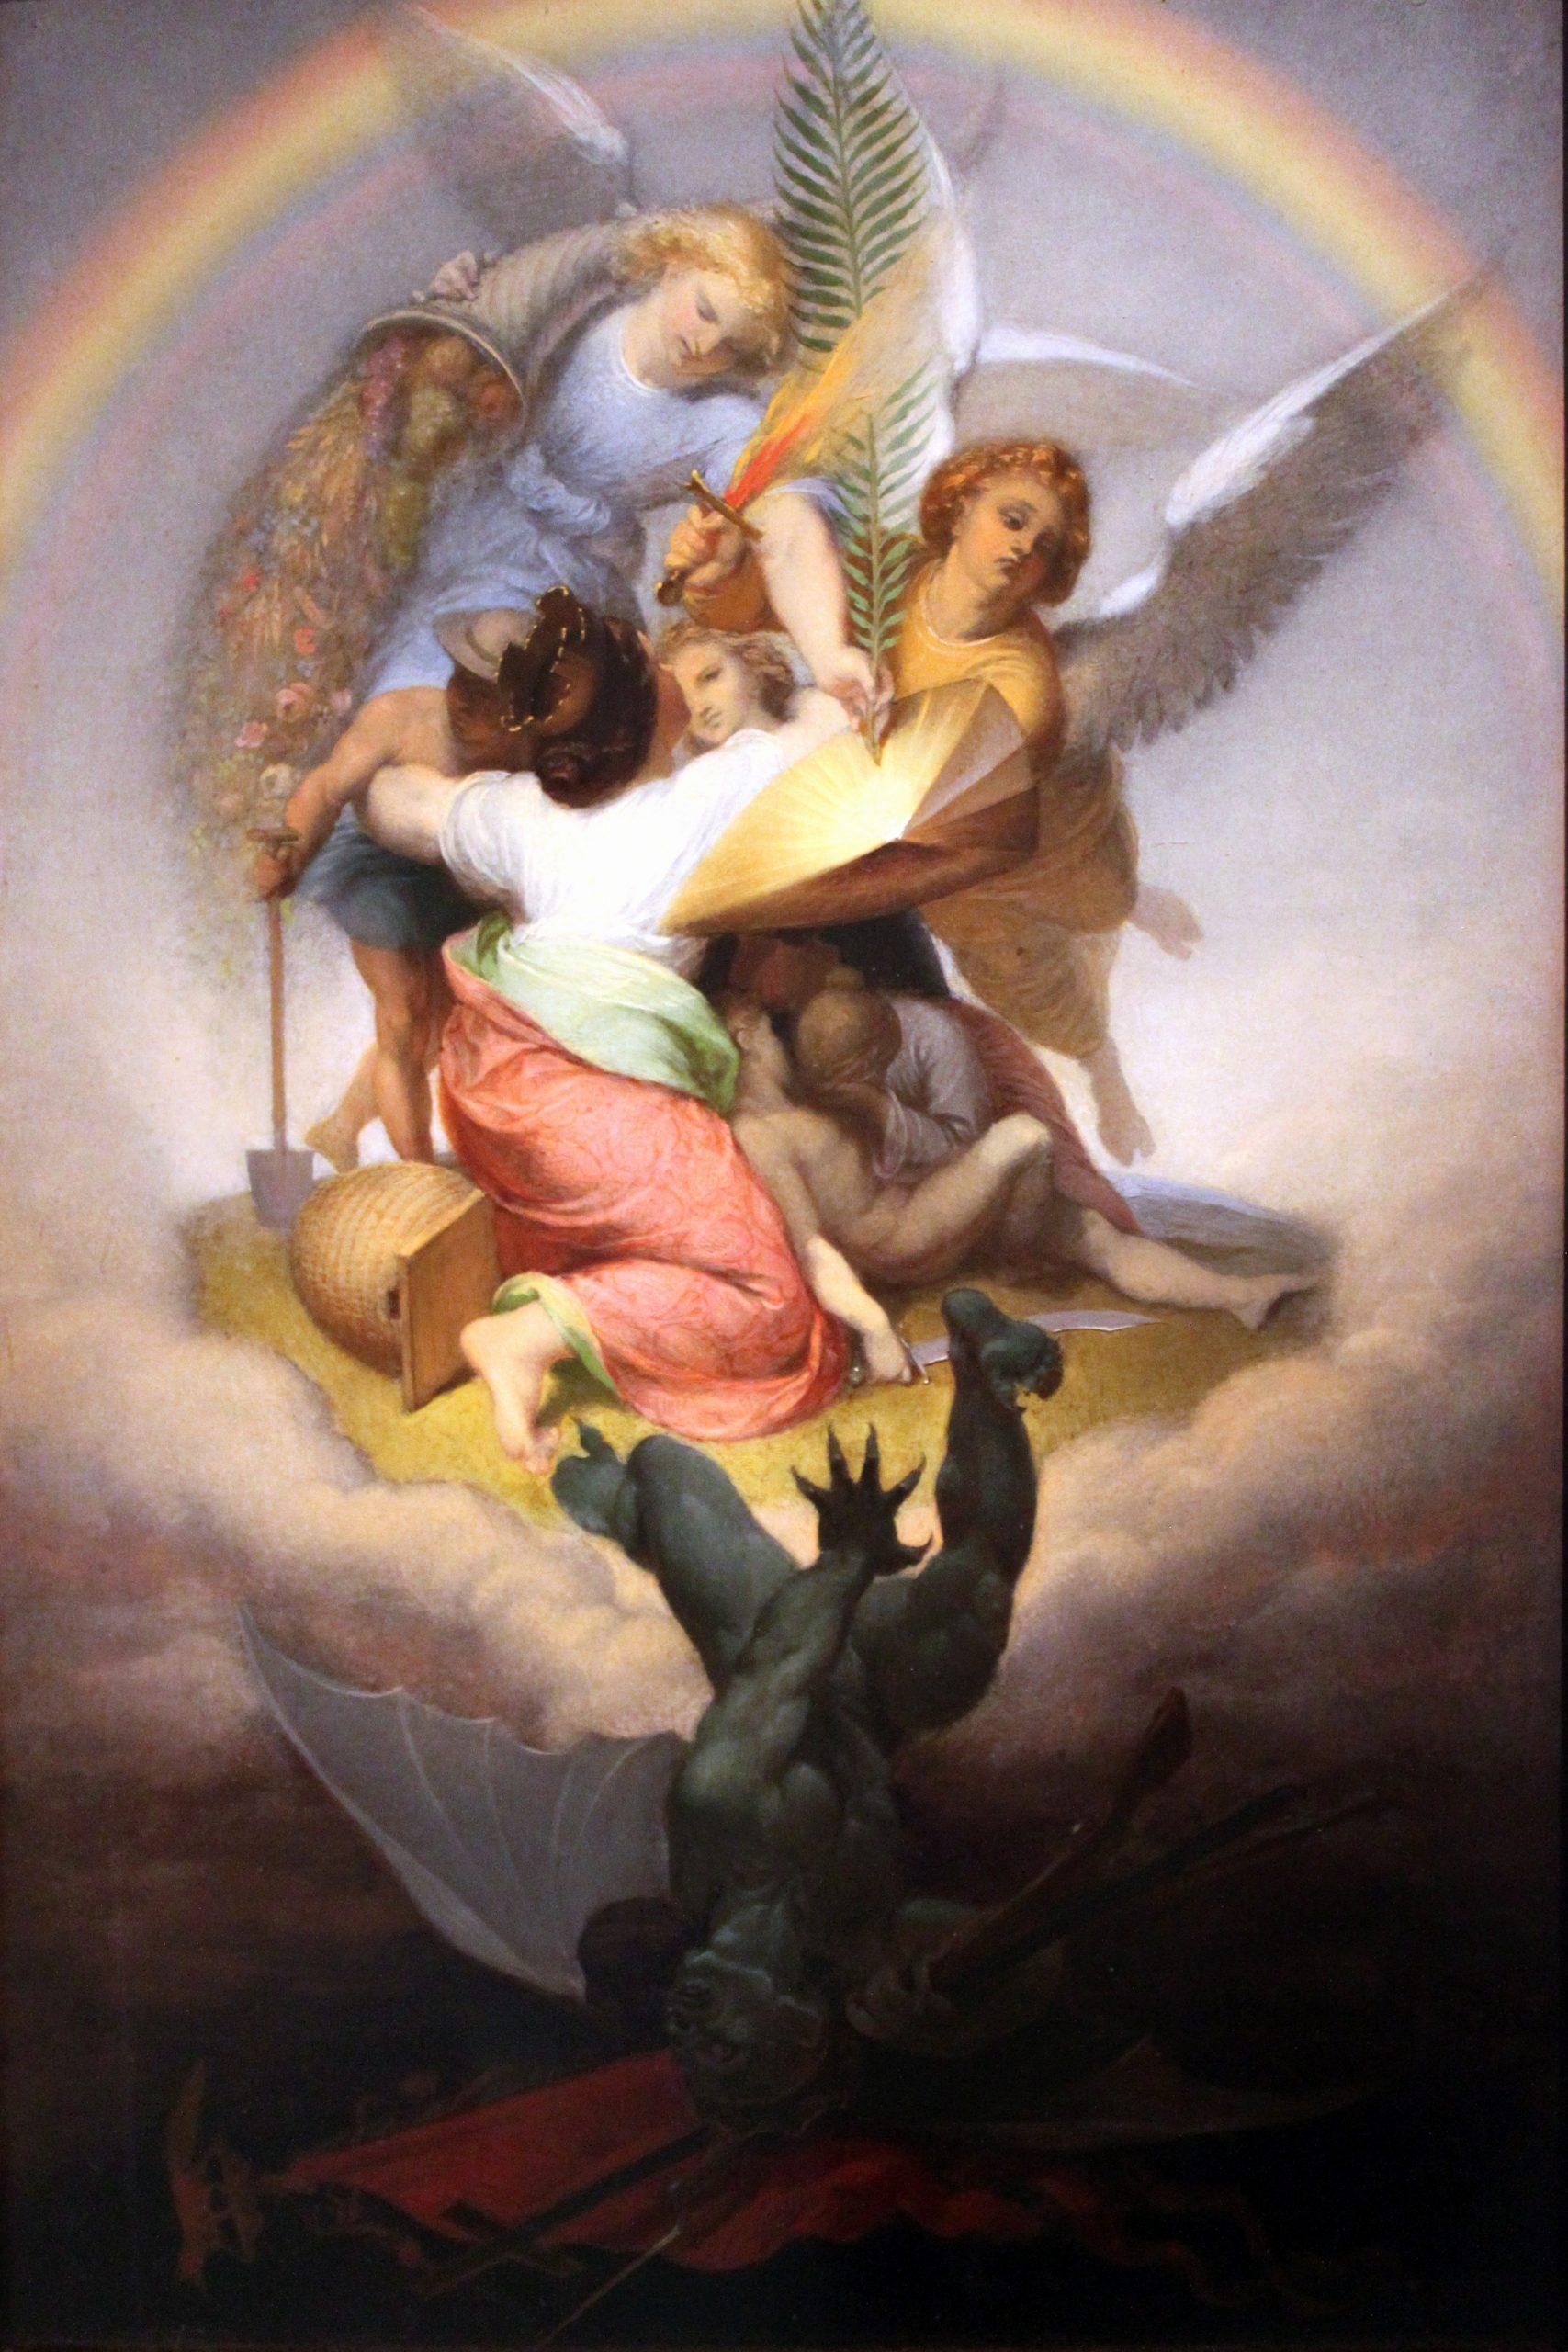 Engel Bilder Kostenlos Herunterladen Luxus Deutsche ganzes Engelbilder Kostenlos